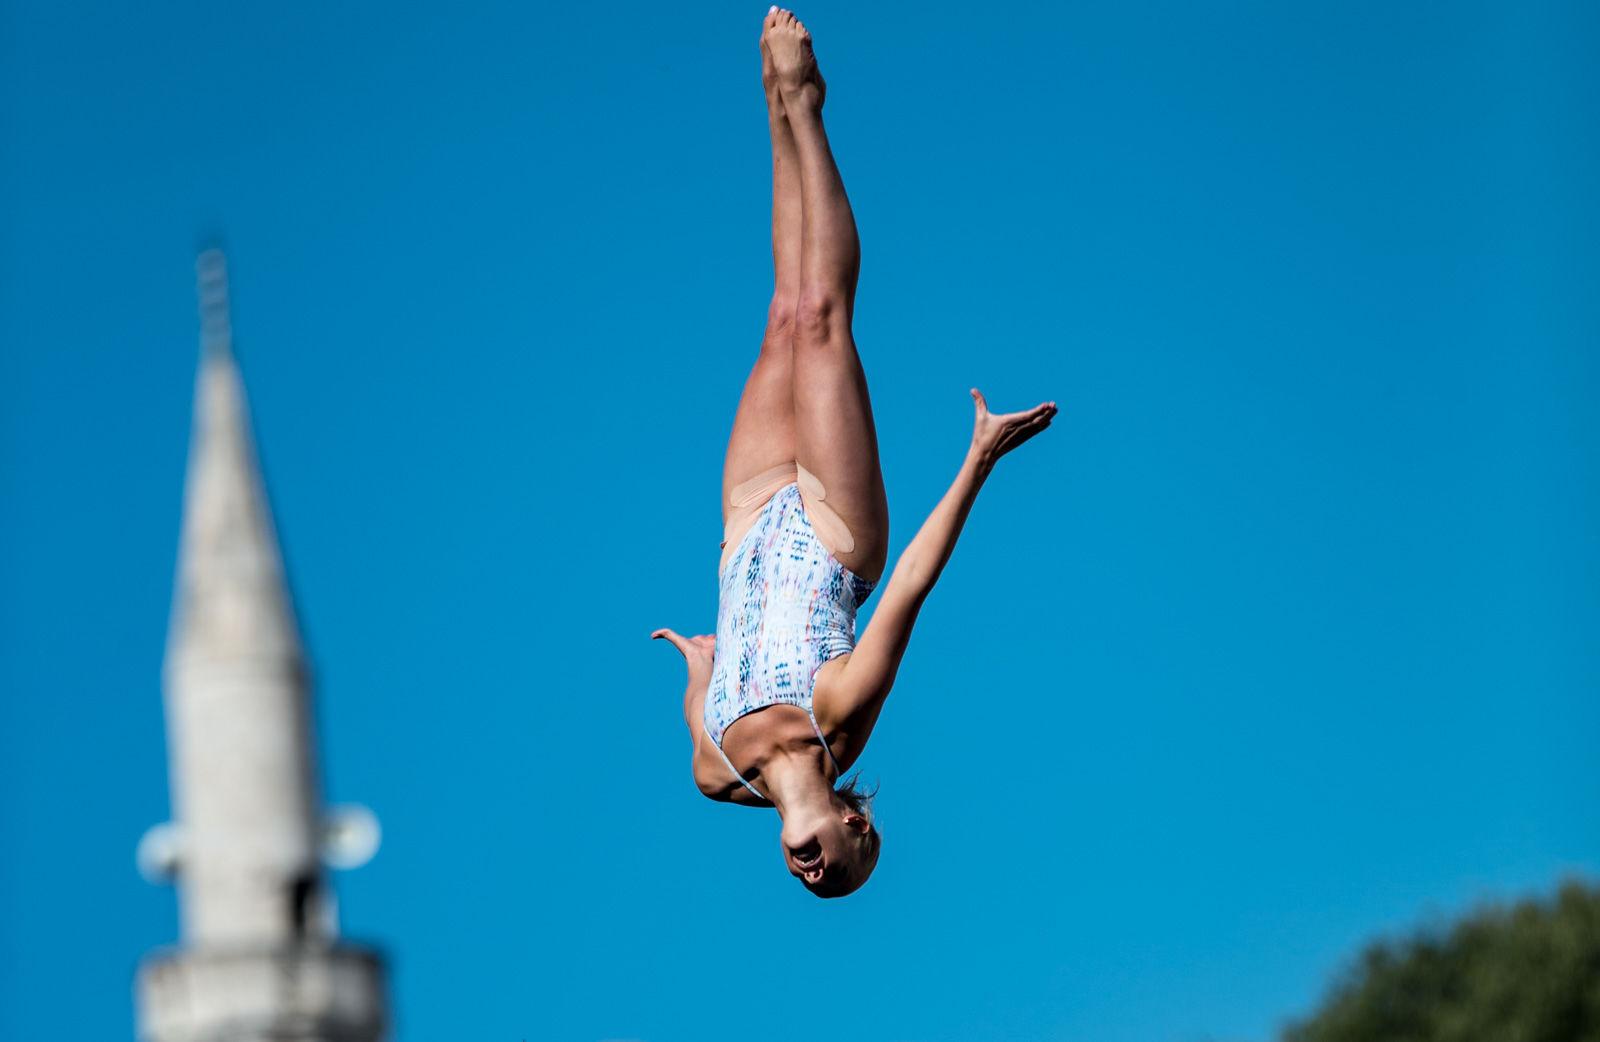 「南極の崖からダイブしたい」。飛び込みに人生をかけたエクストリーマー達の舞い